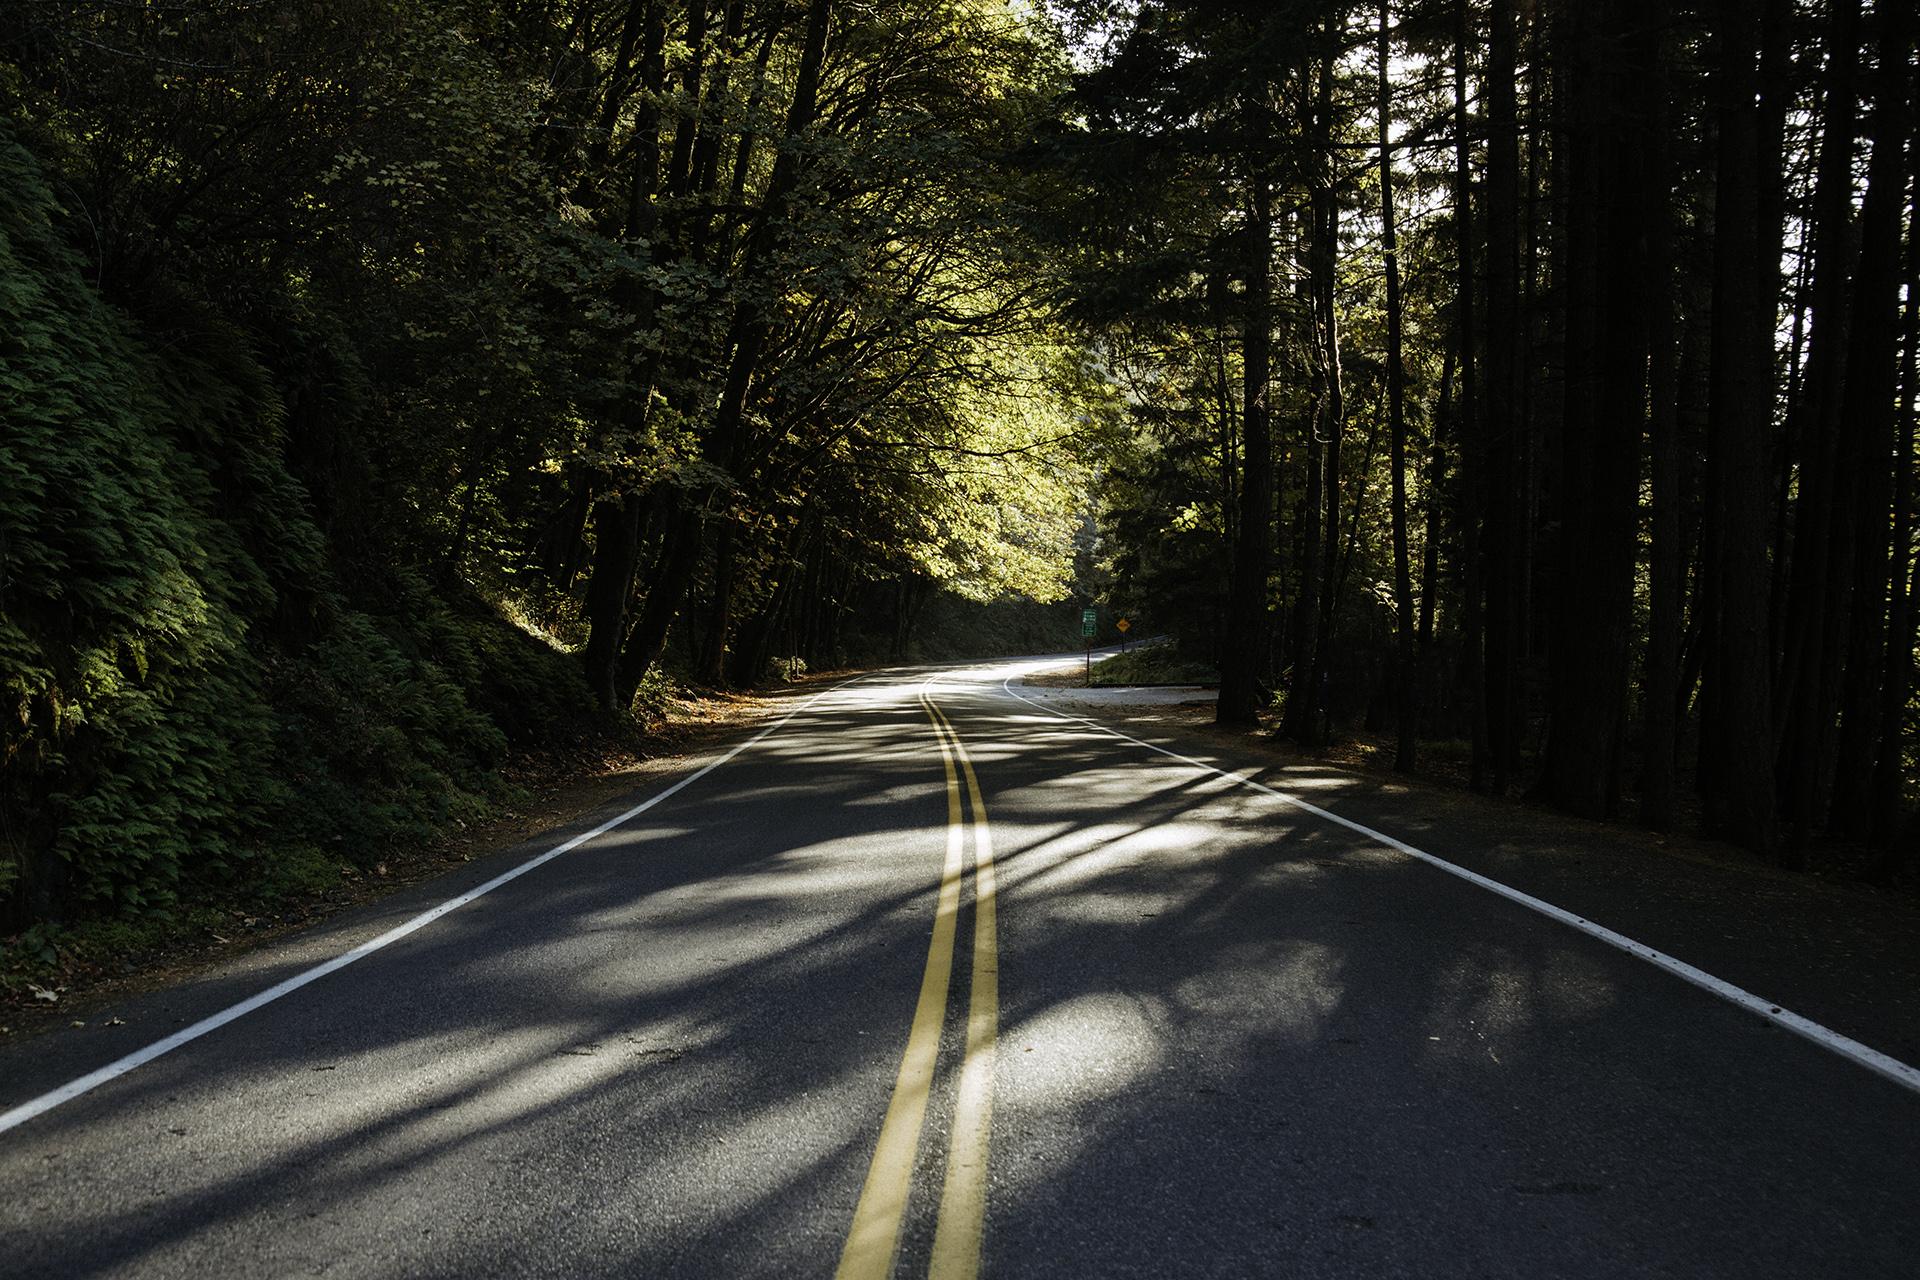 route33-4.jpg